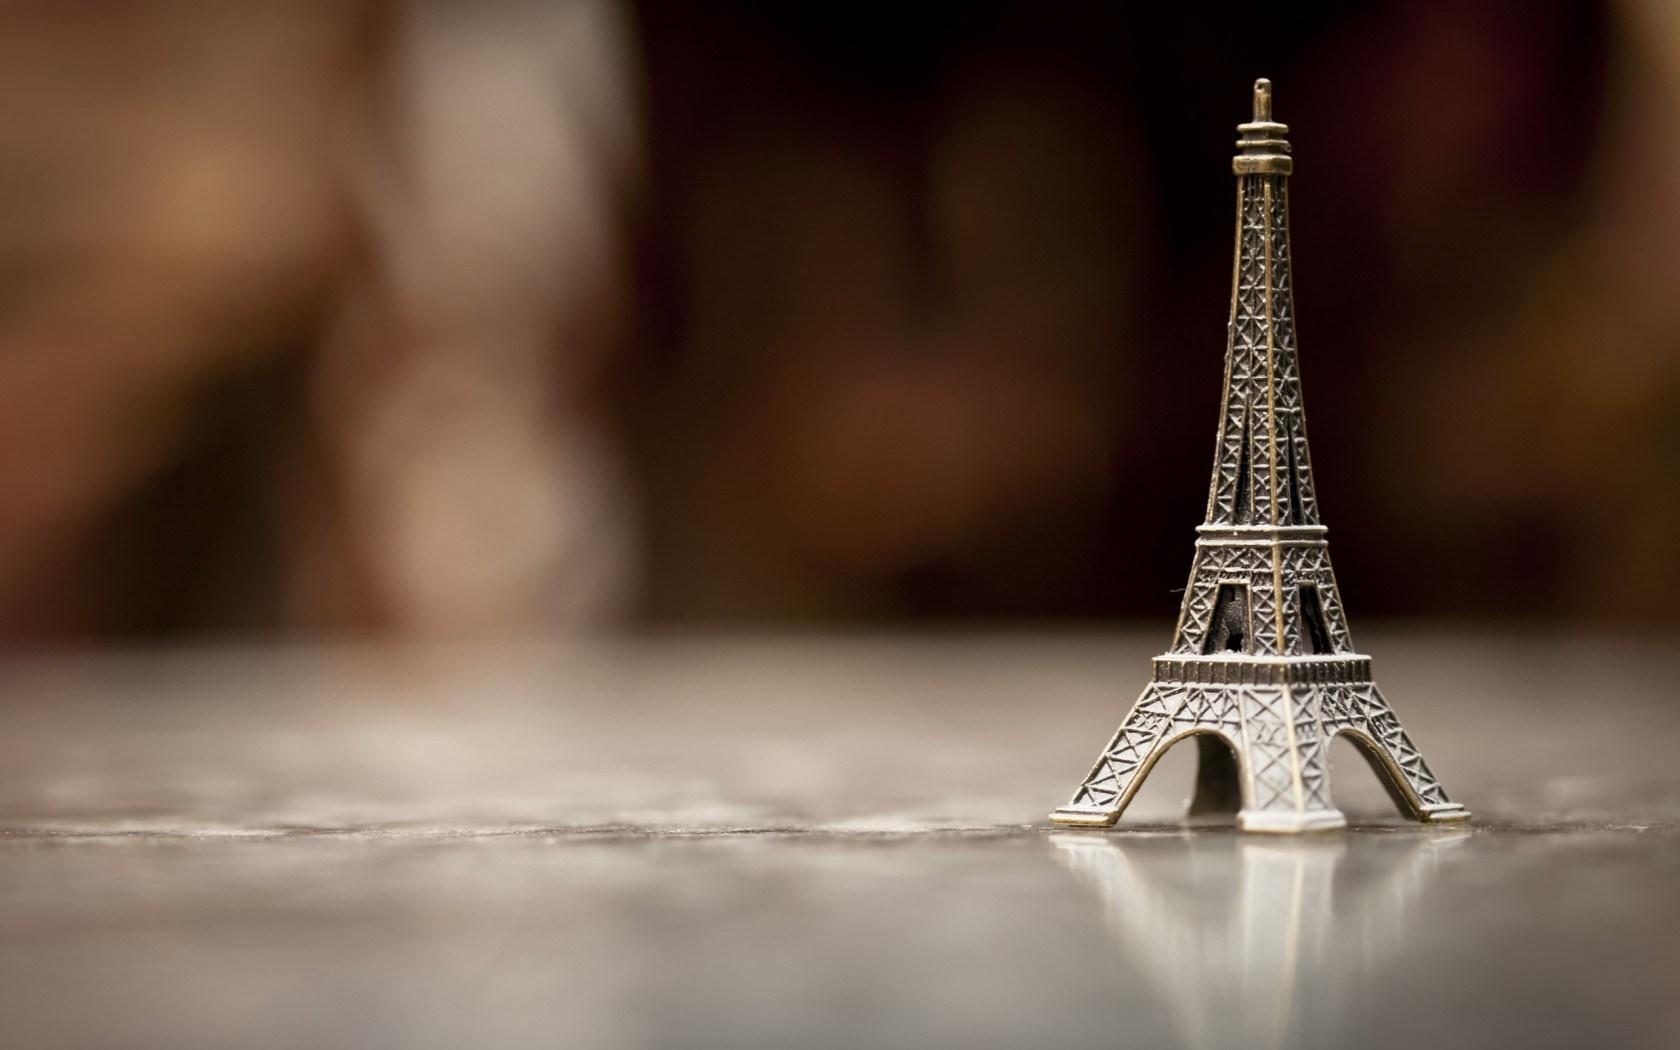 Eiffel Tower Close-Up HD Wallpaper